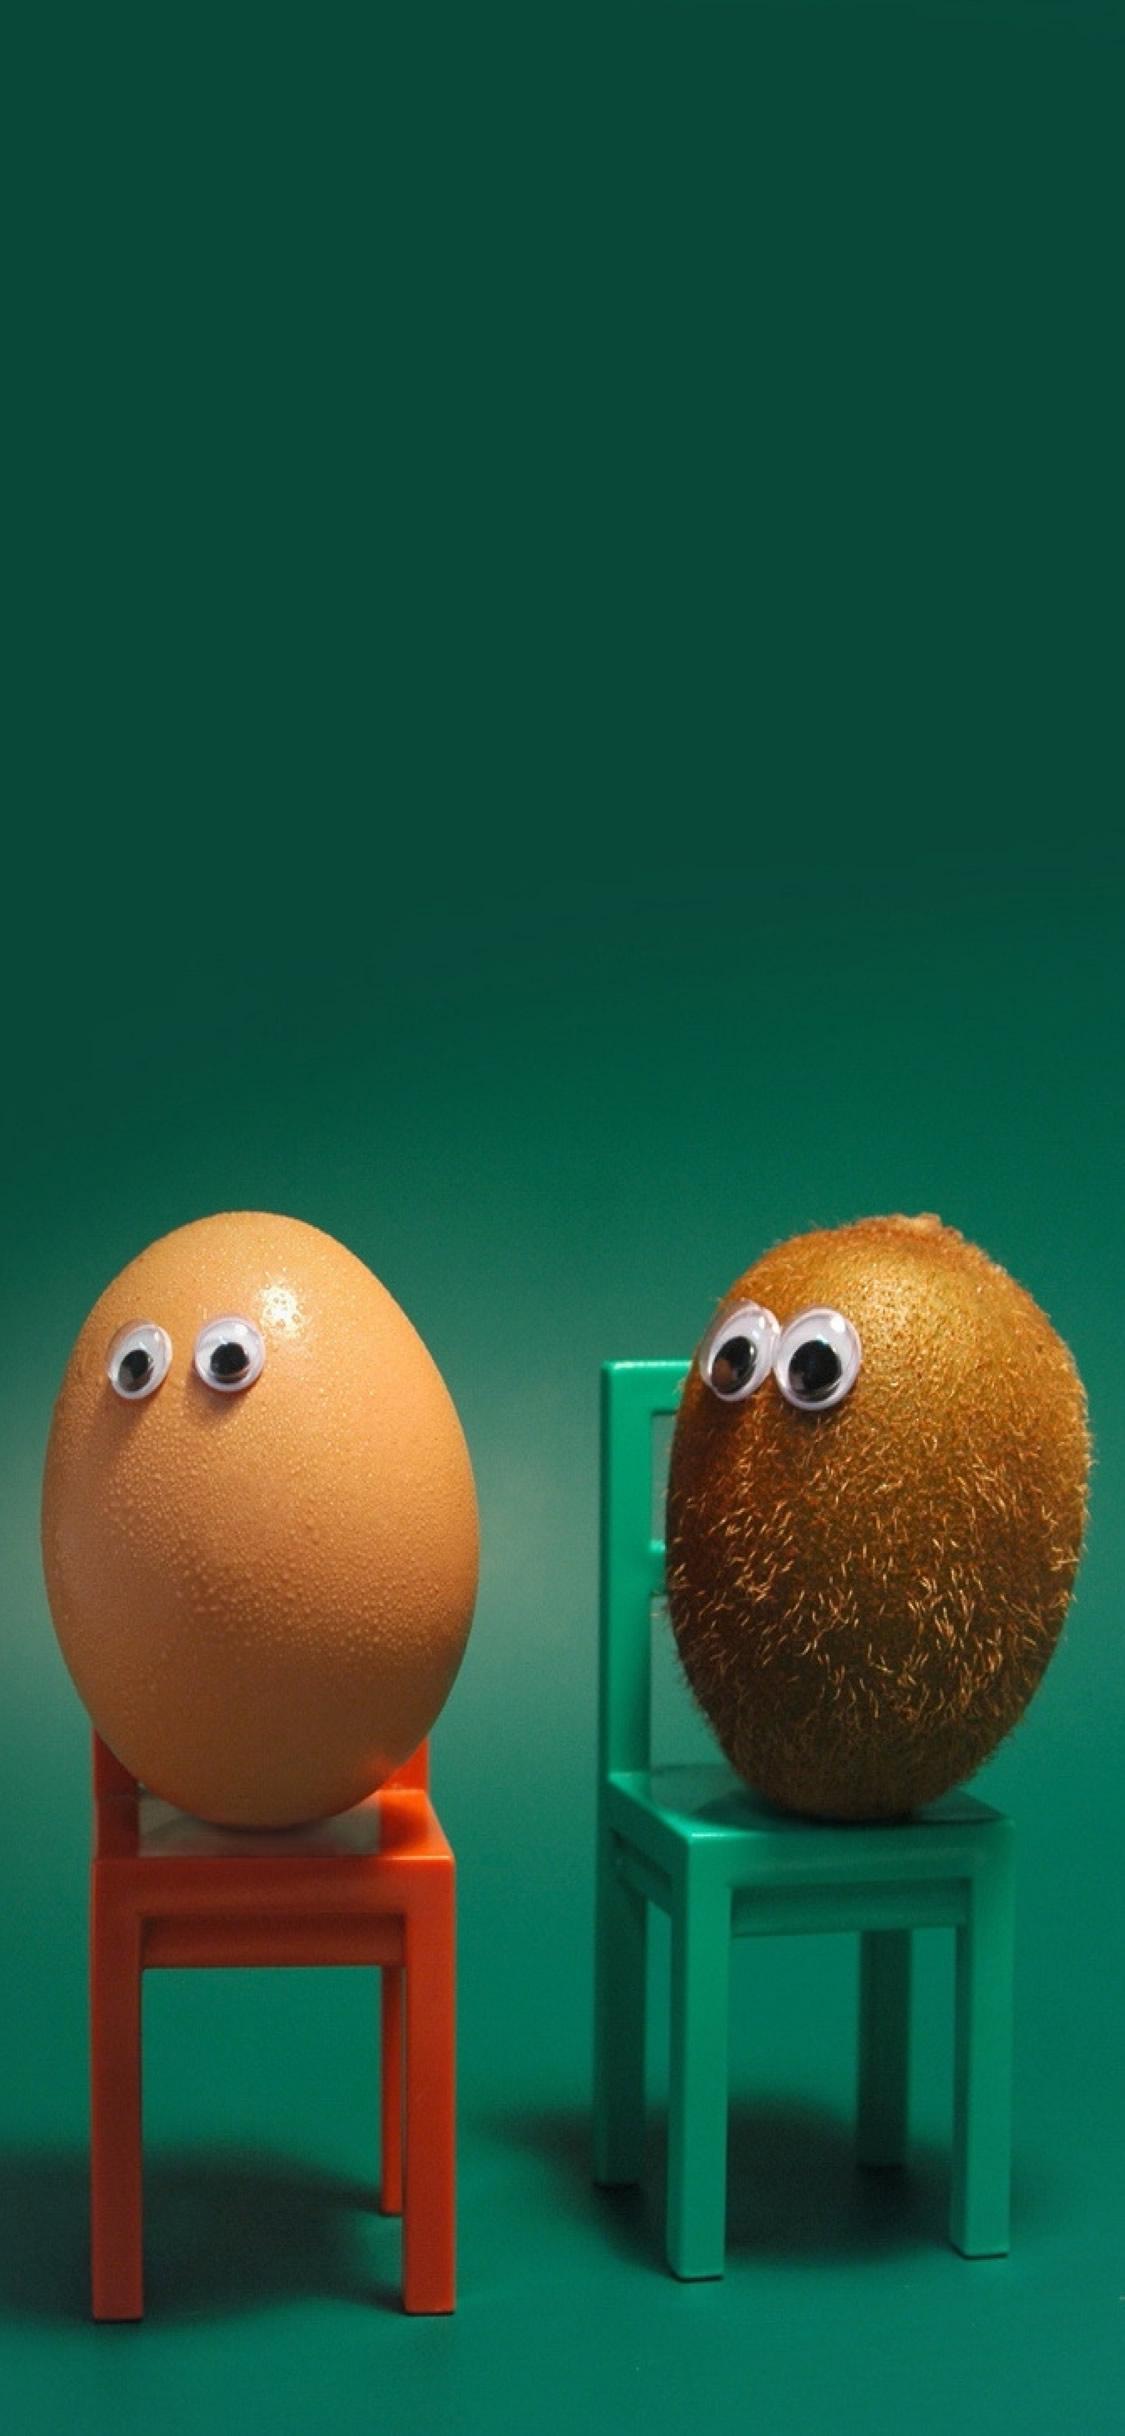 卵キウイフルーツアイズチェアファニー状況iphone X壁紙 Iphoneチーズ